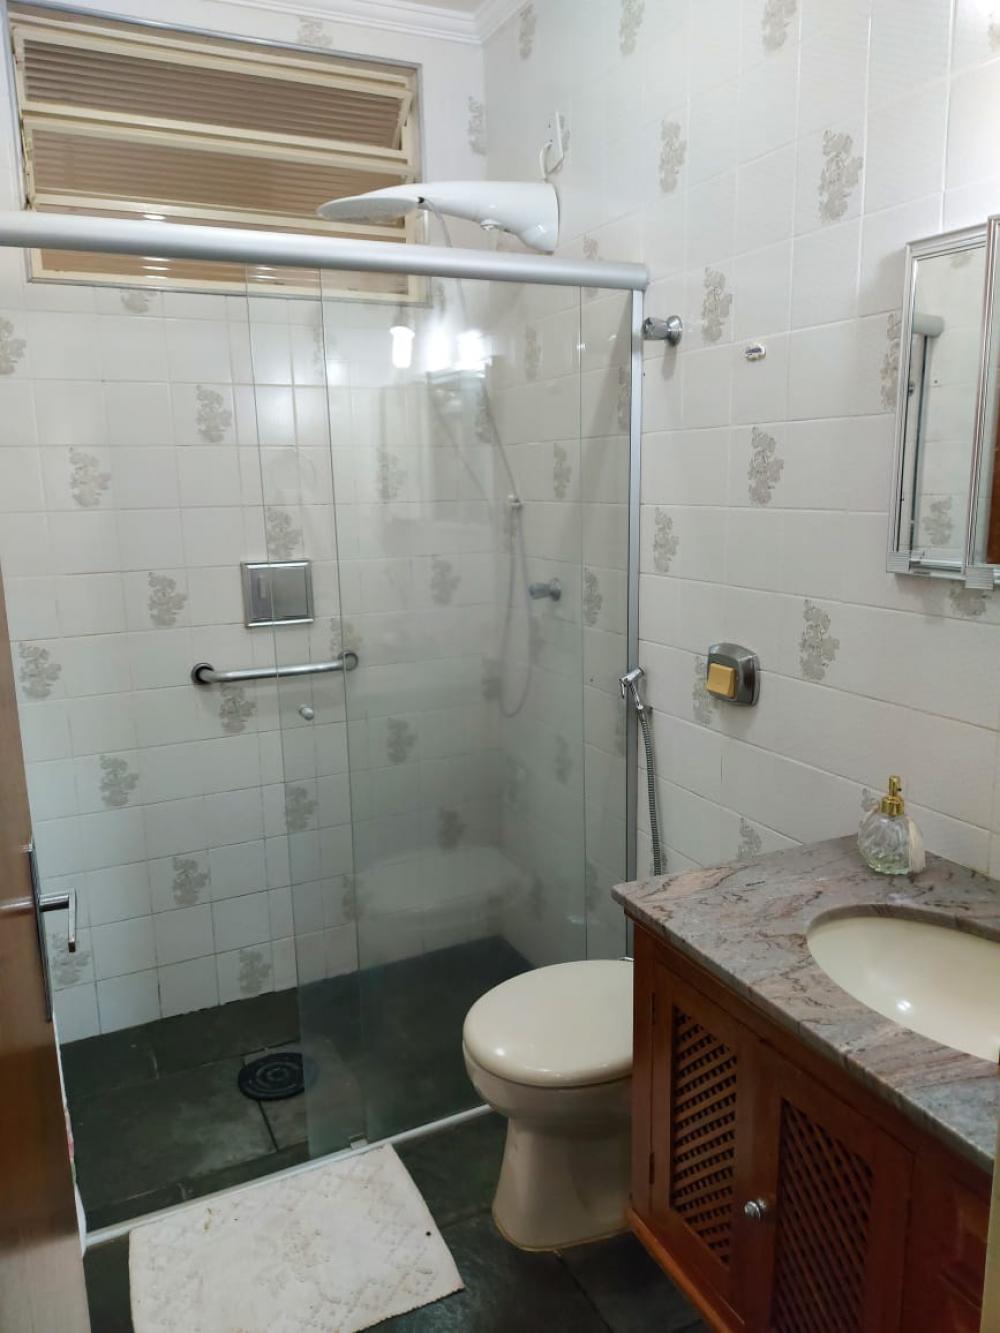 Comprar Apartamento / Padrão em Ribeirão Preto R$ 333.000,00 - Foto 17